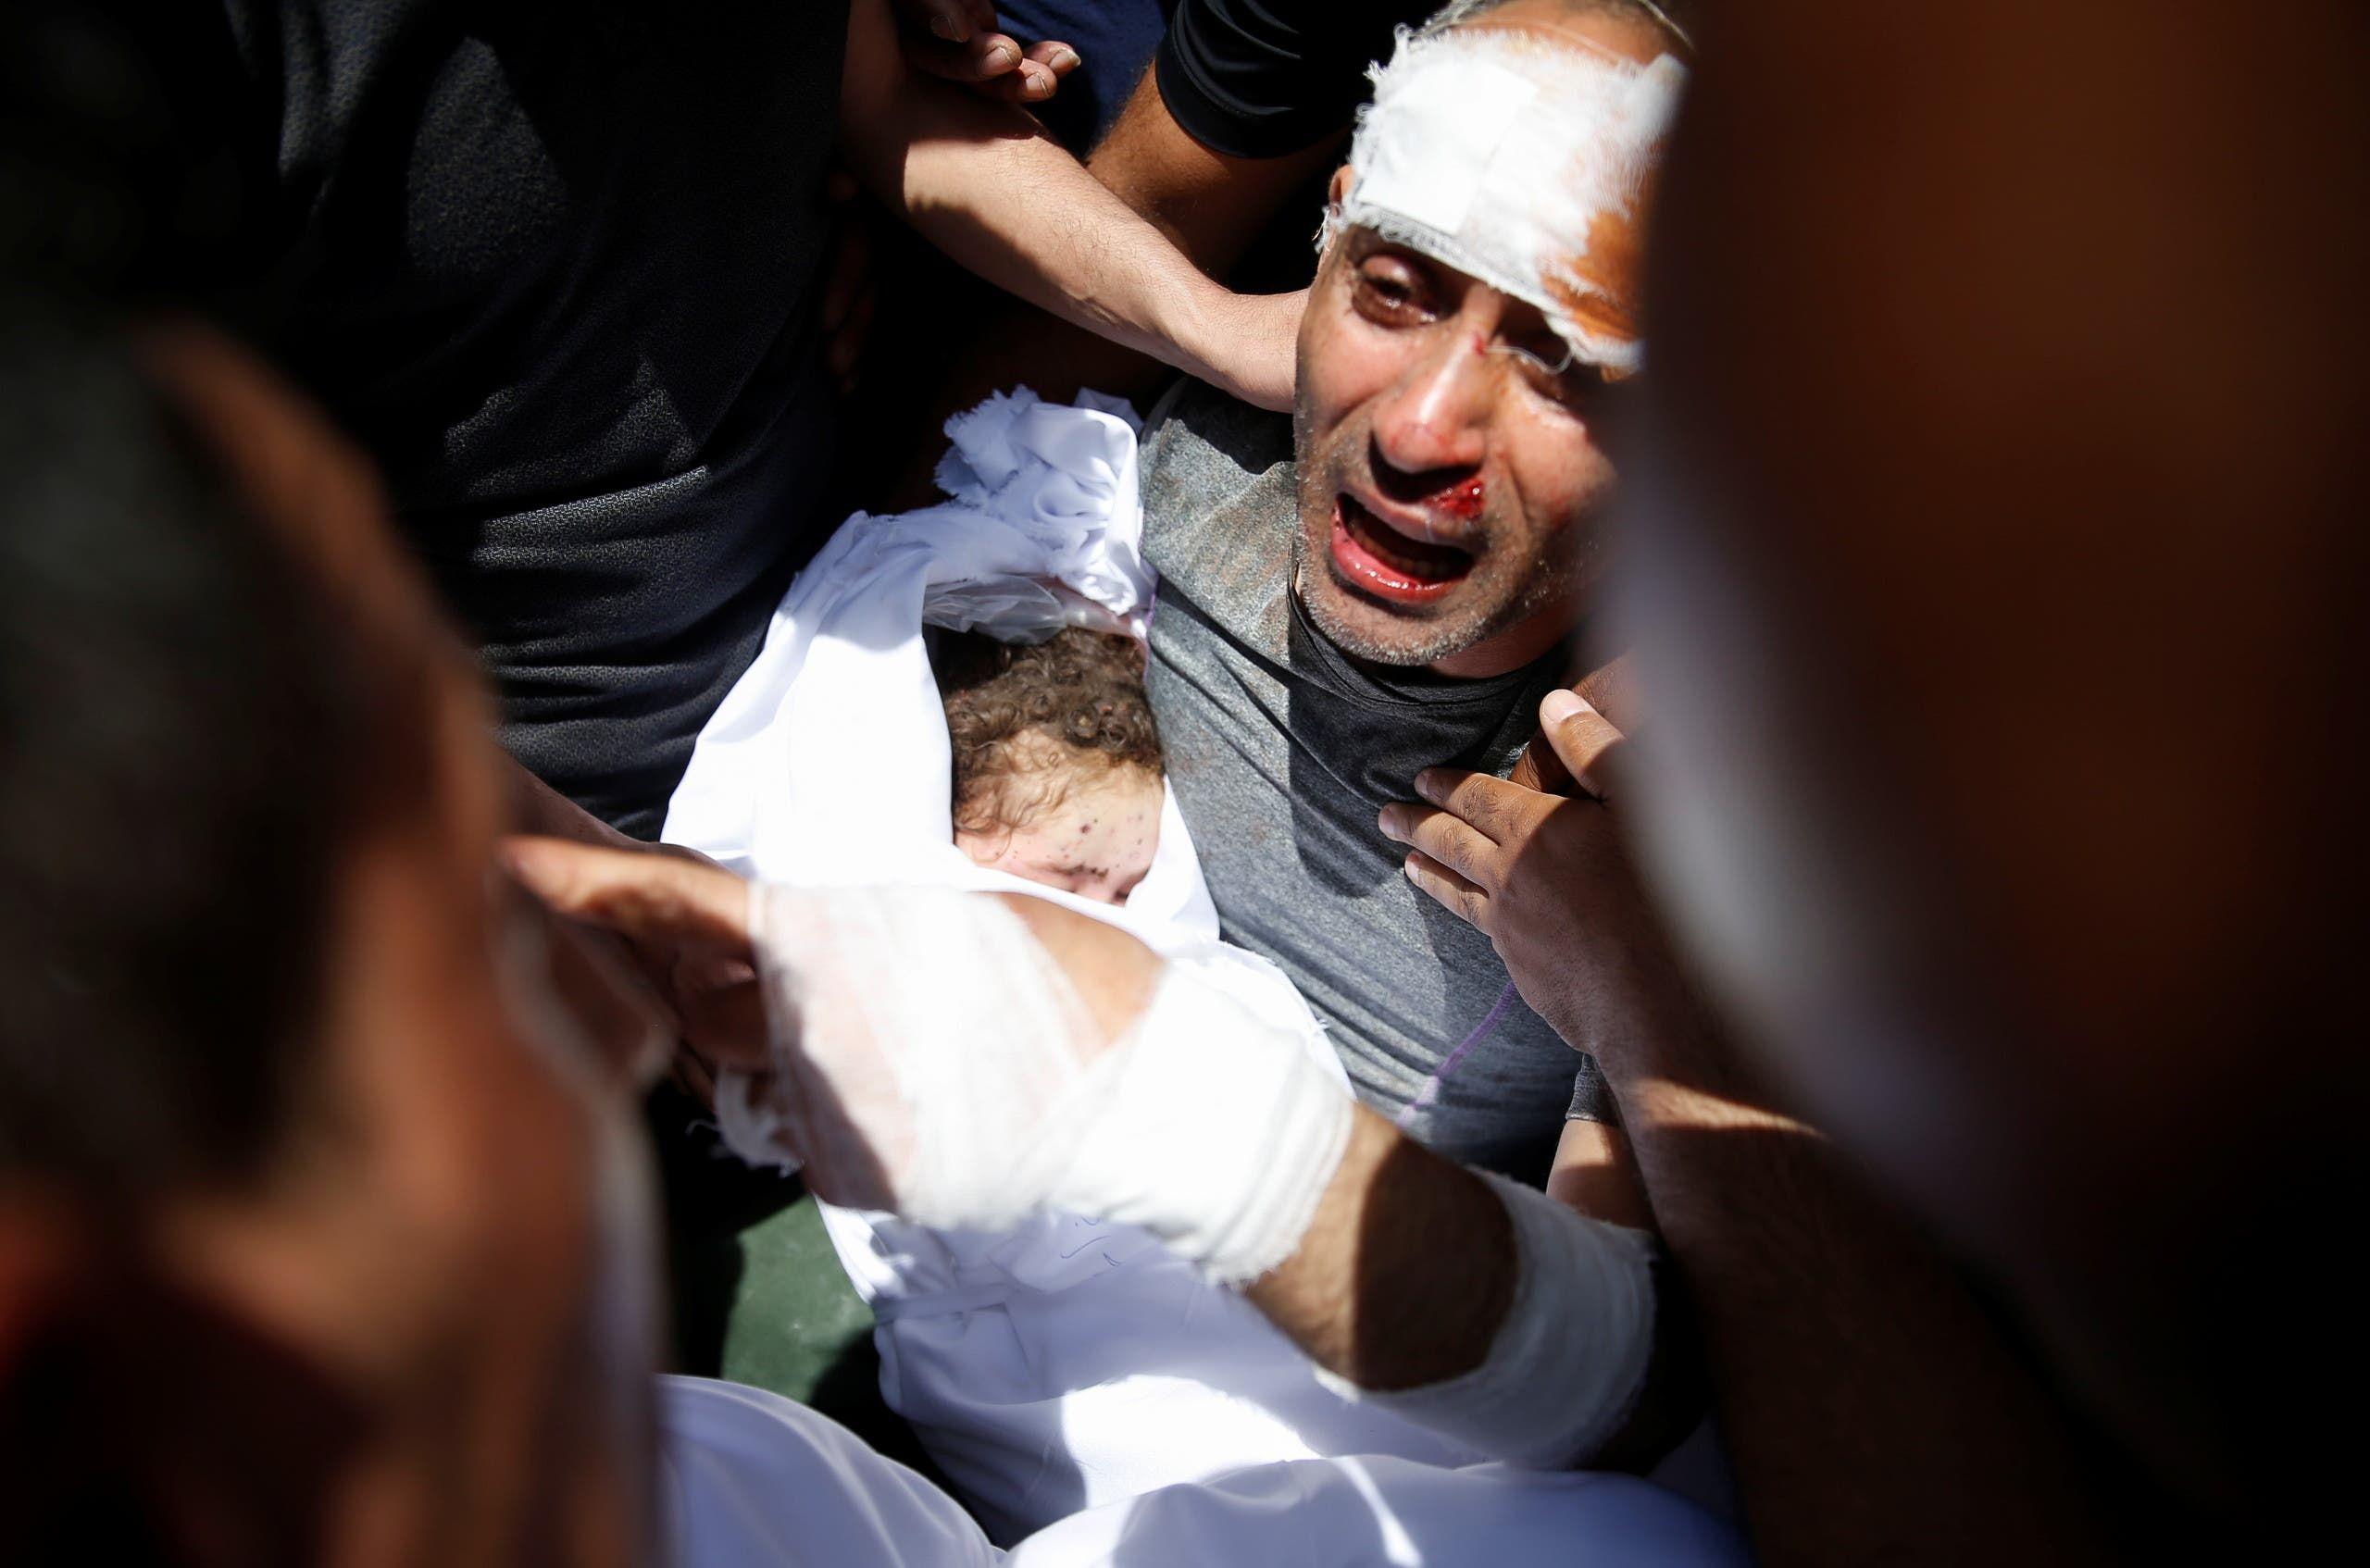 رجل يحمل جثة طفله المتوفي إثر غارة إسرائيلية في غزة